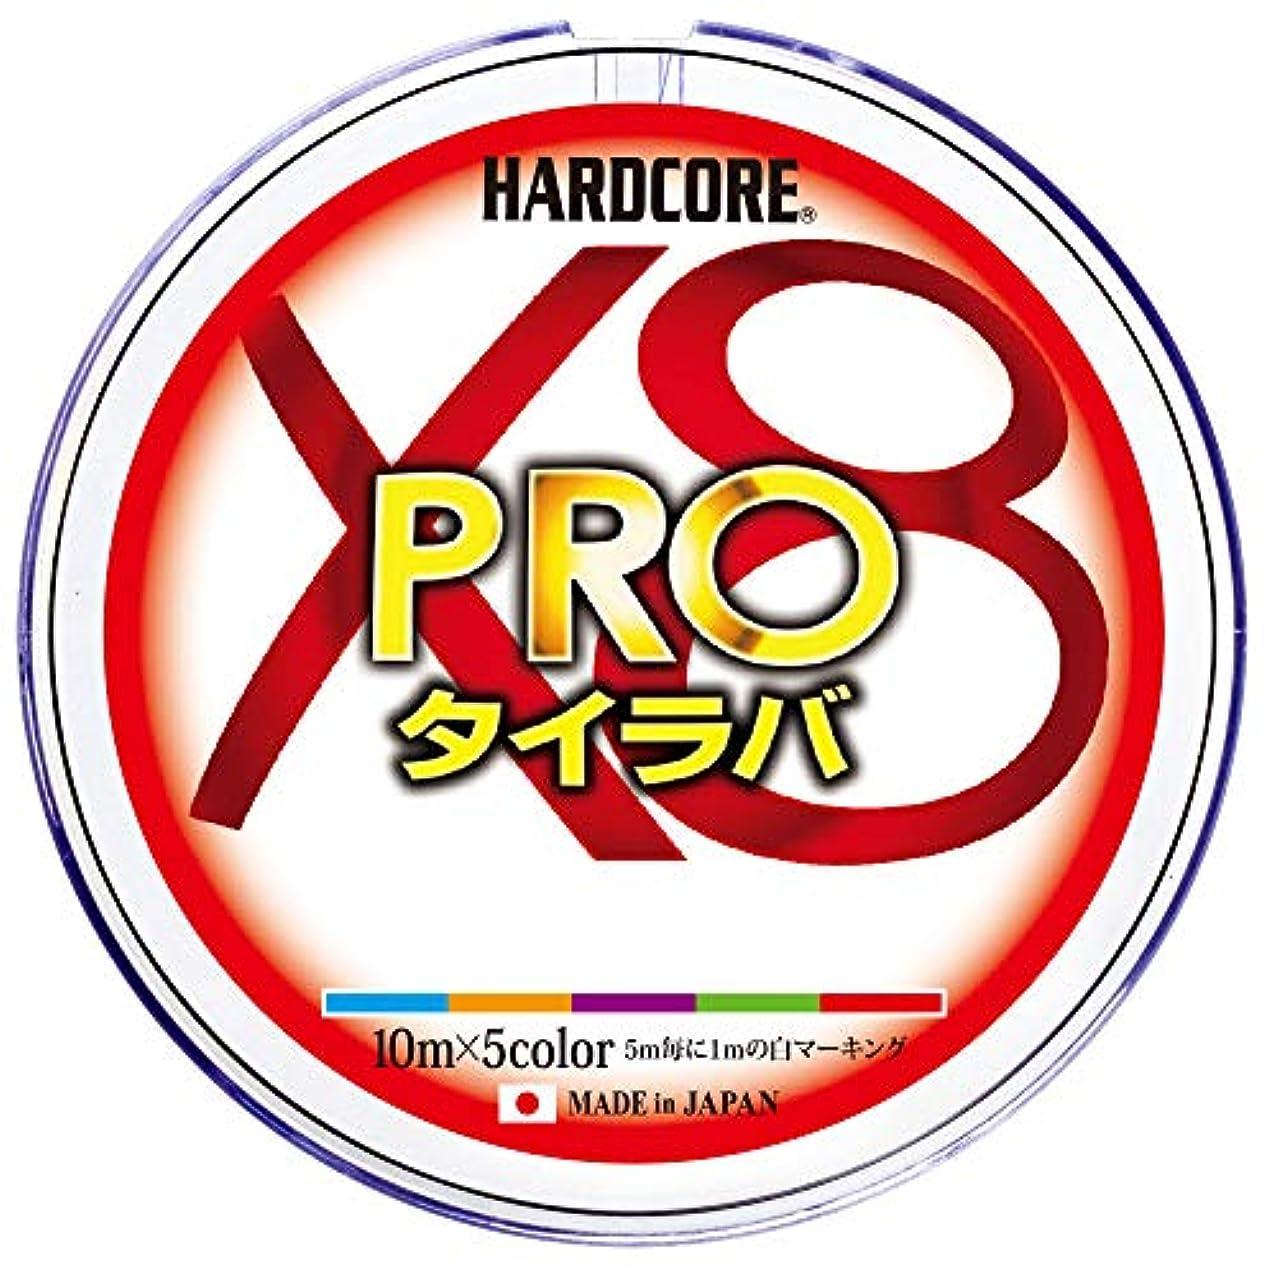 不愉快鑑定加害者DUEL(デュエル) ライン HARDCORE X8 PRO タイラバ 300m 0.6号 H3934 0.6号